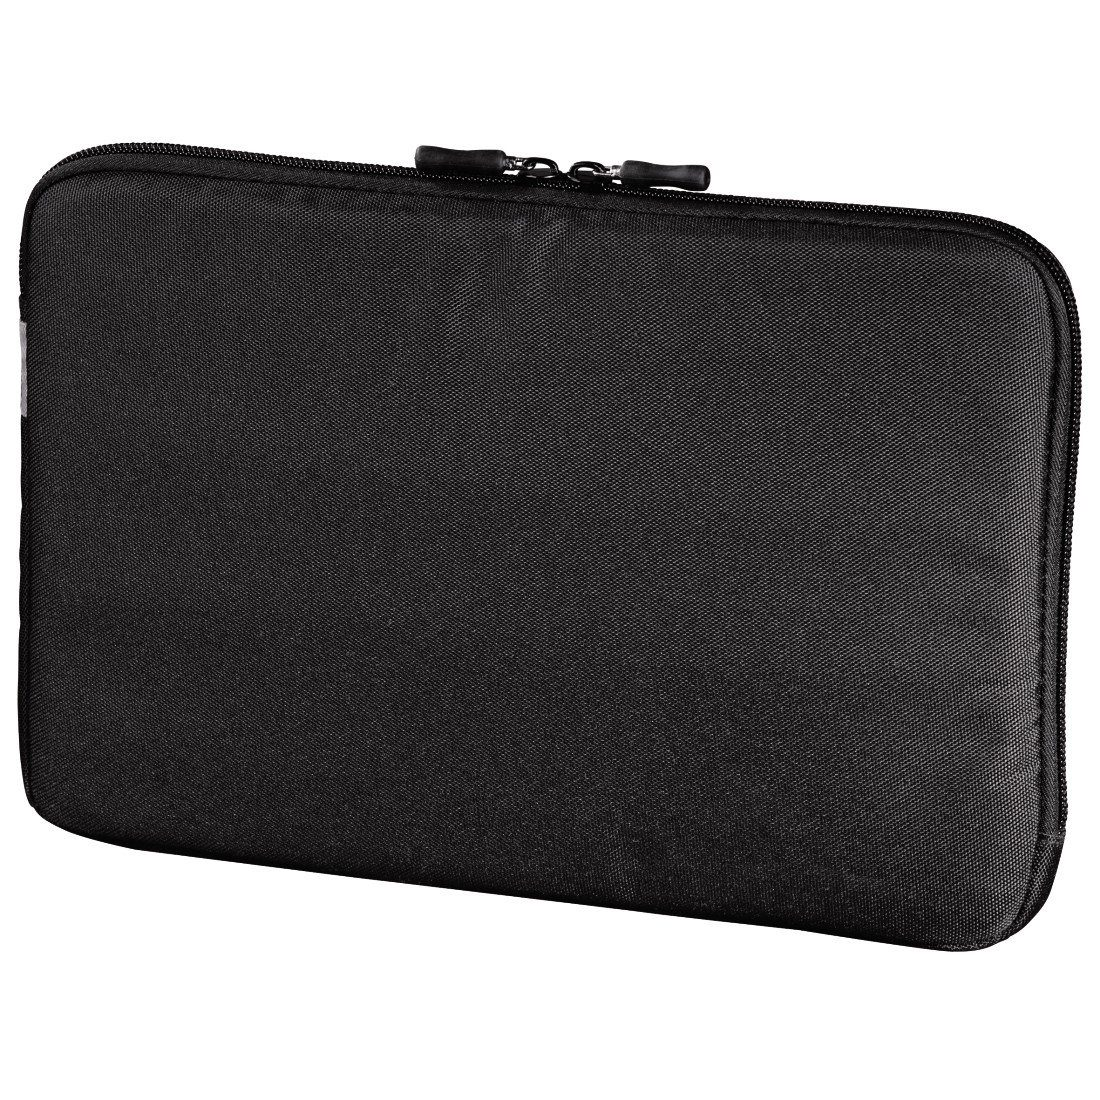 Hama Tablet Tasche Sleeve Hülle Case Schutzhülle für Tablet PCs »bis 10,1 Zoll (25,6 cm)«